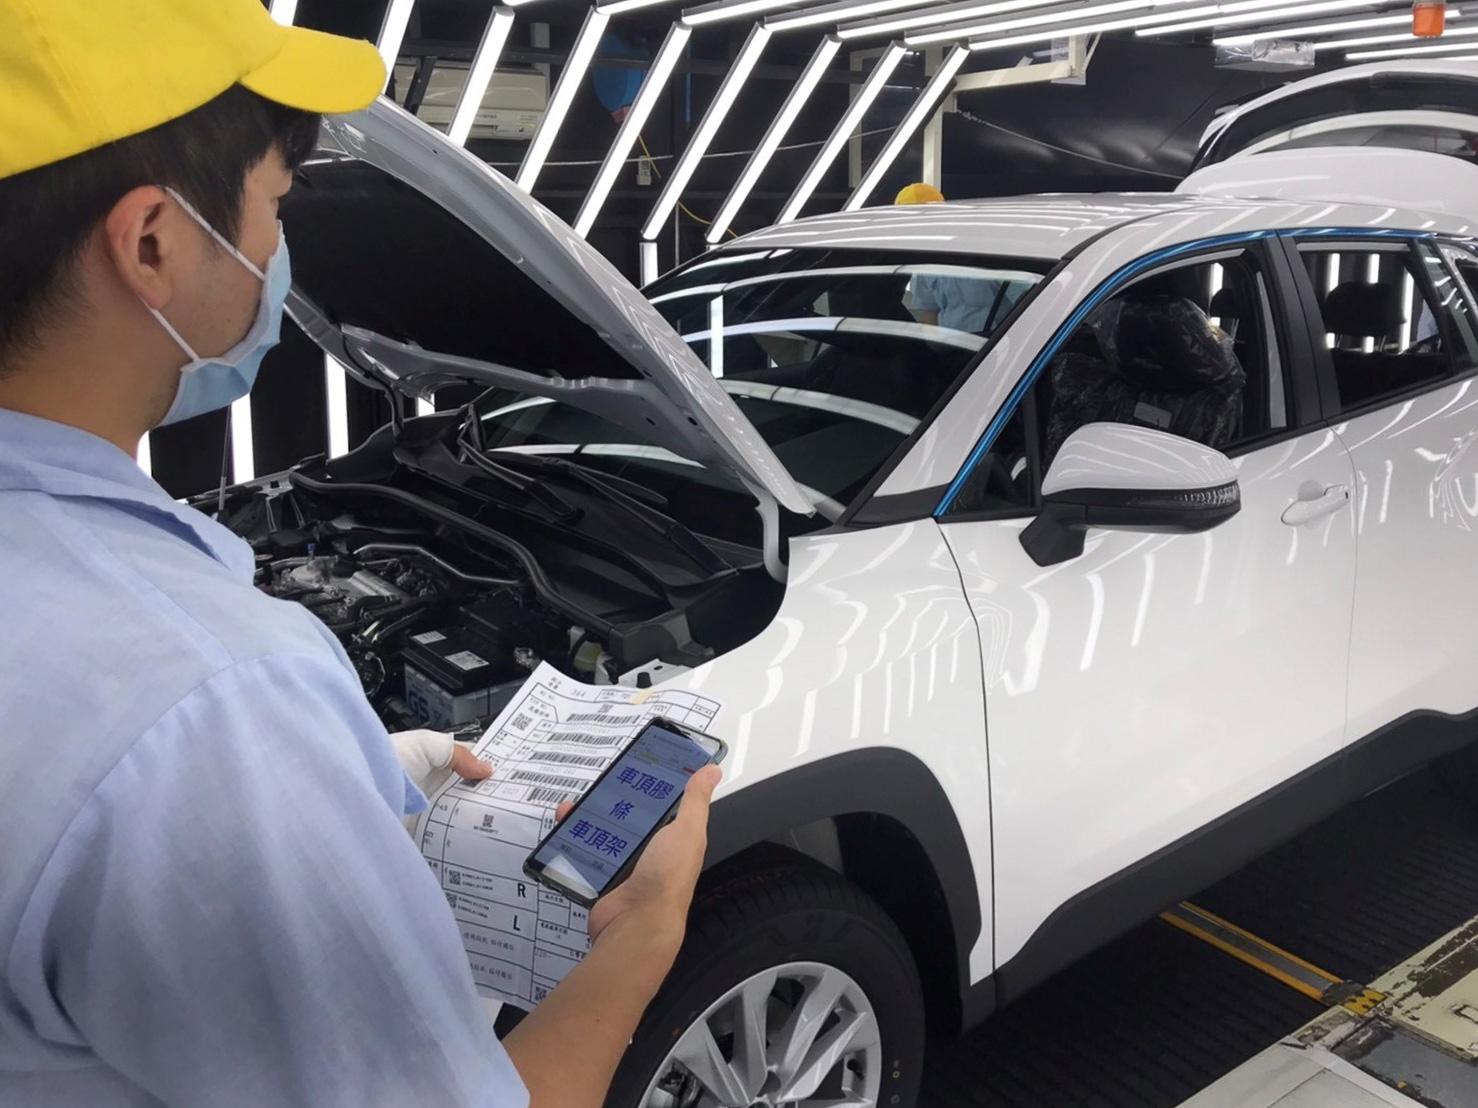 國瑞汽車自主開發的檢驗系統可將所有檢查項目 IT 化,檢查人員可以透過照片與實際車輛的比對方是,迅速找出組裝缺失。